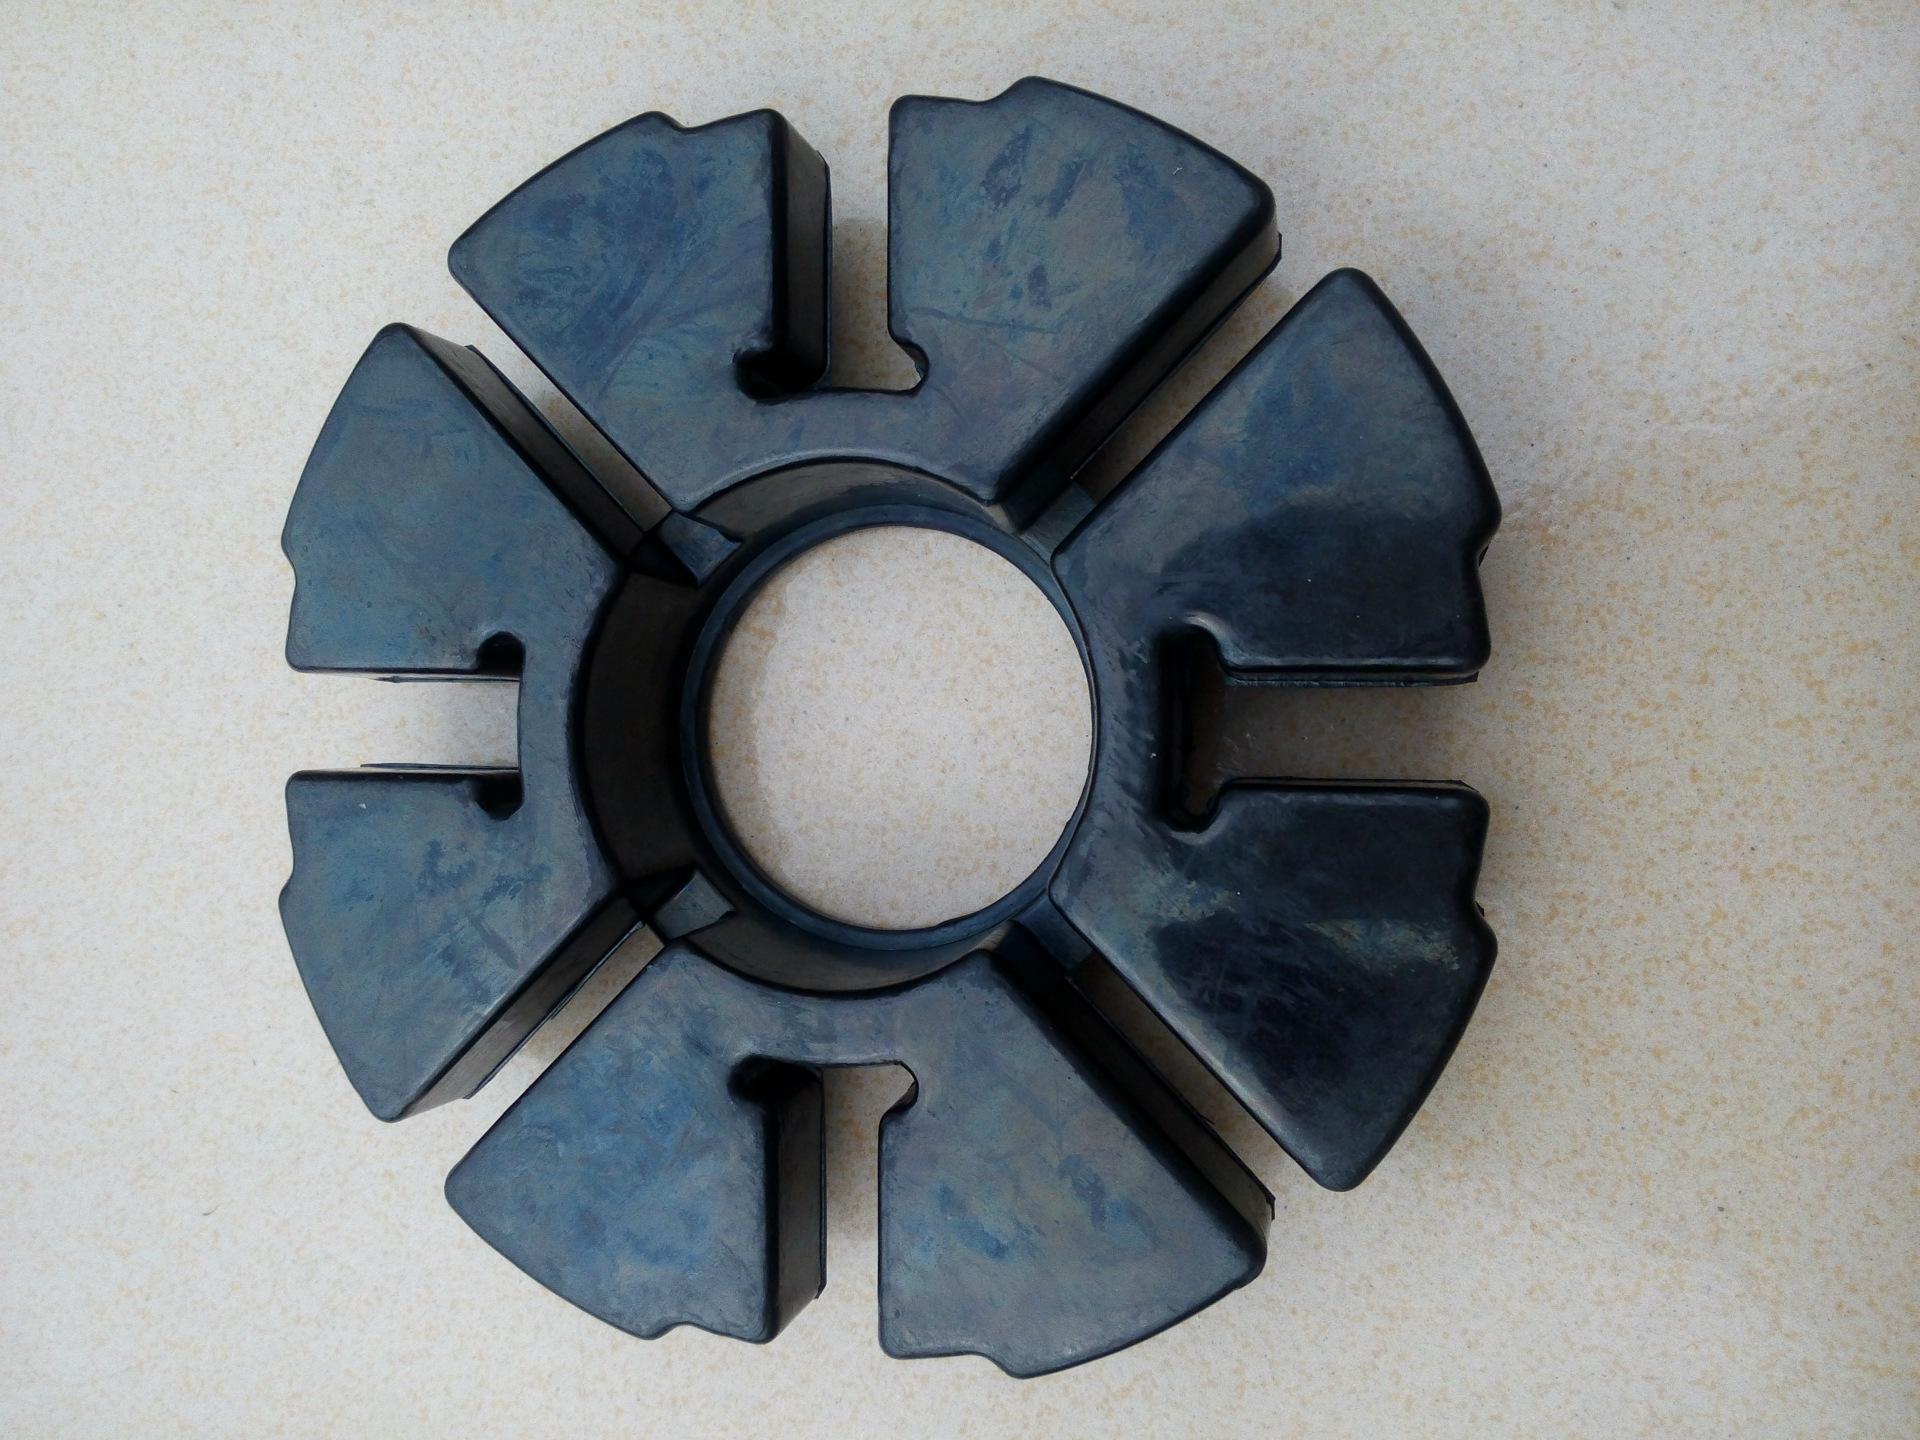 摩托车橡胶缓冲胶生产供应  ,江西洪伟橡塑 摩托车橡胶缓冲胶价格